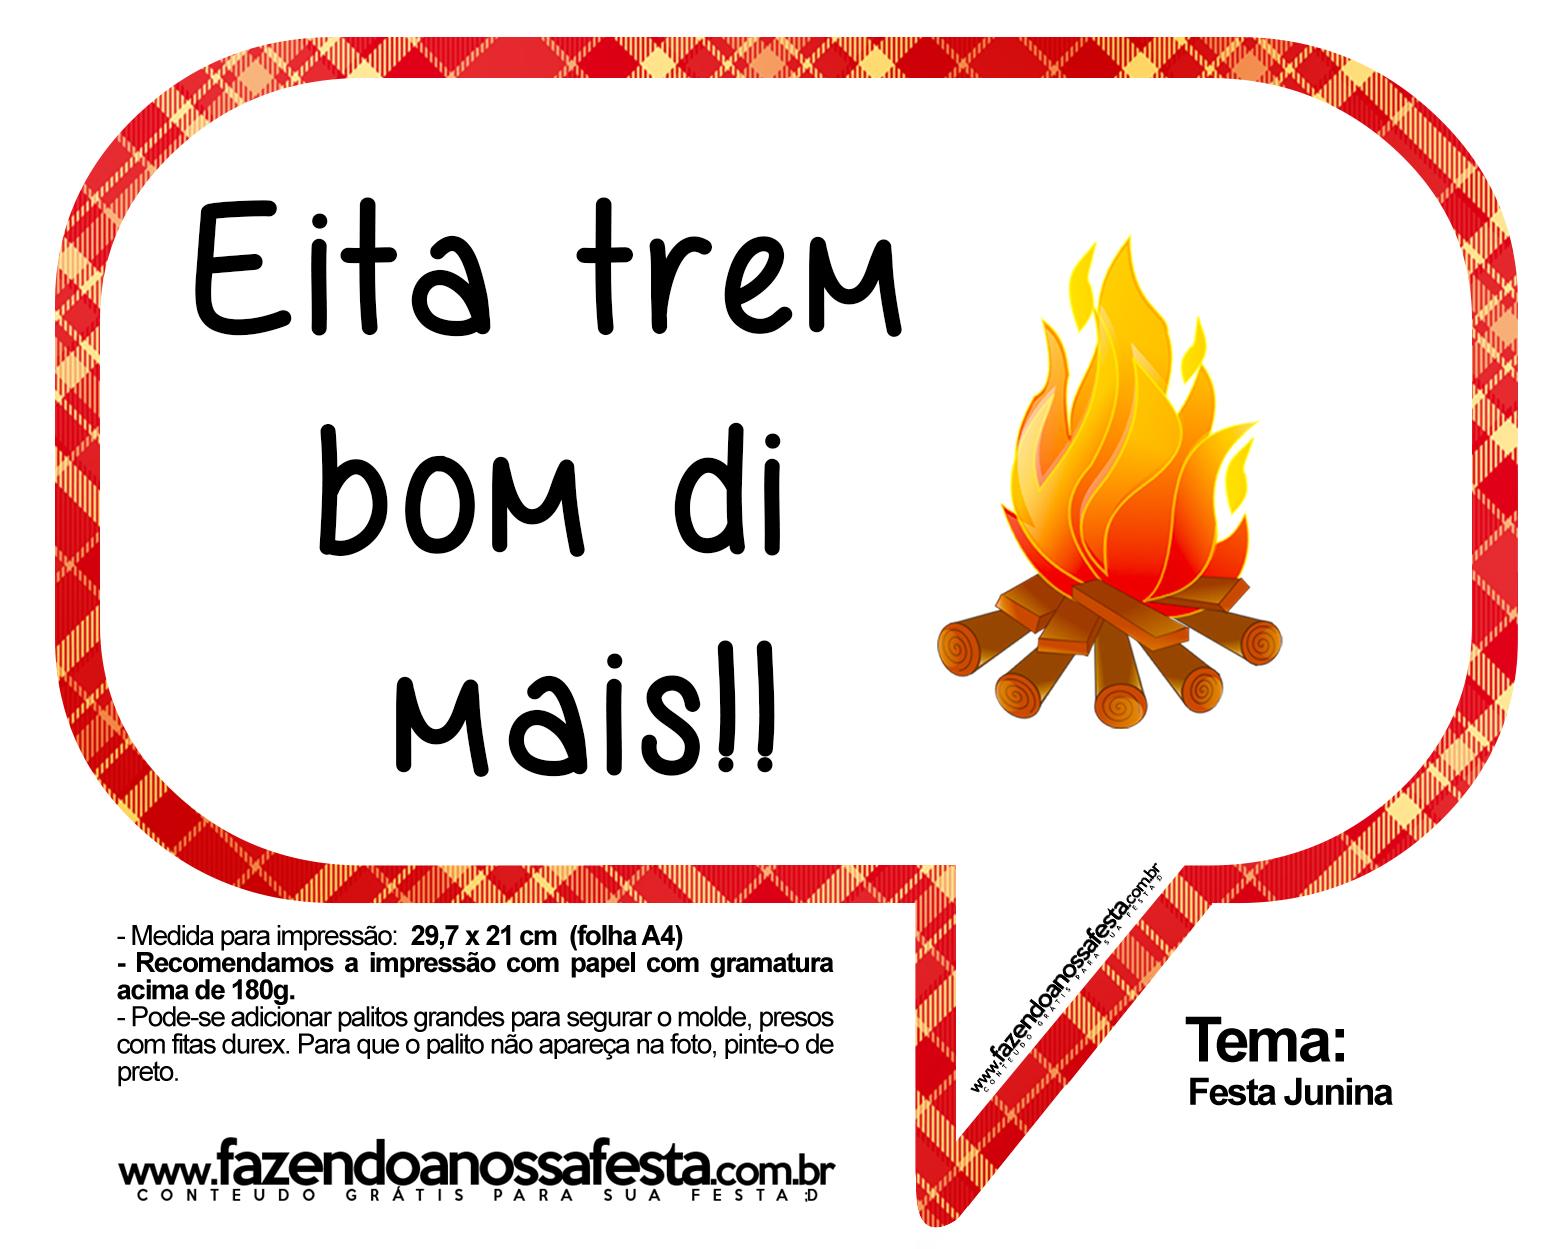 List Of Top Plaquinhas Divertidas Para Festa Images #984100 1564 1249